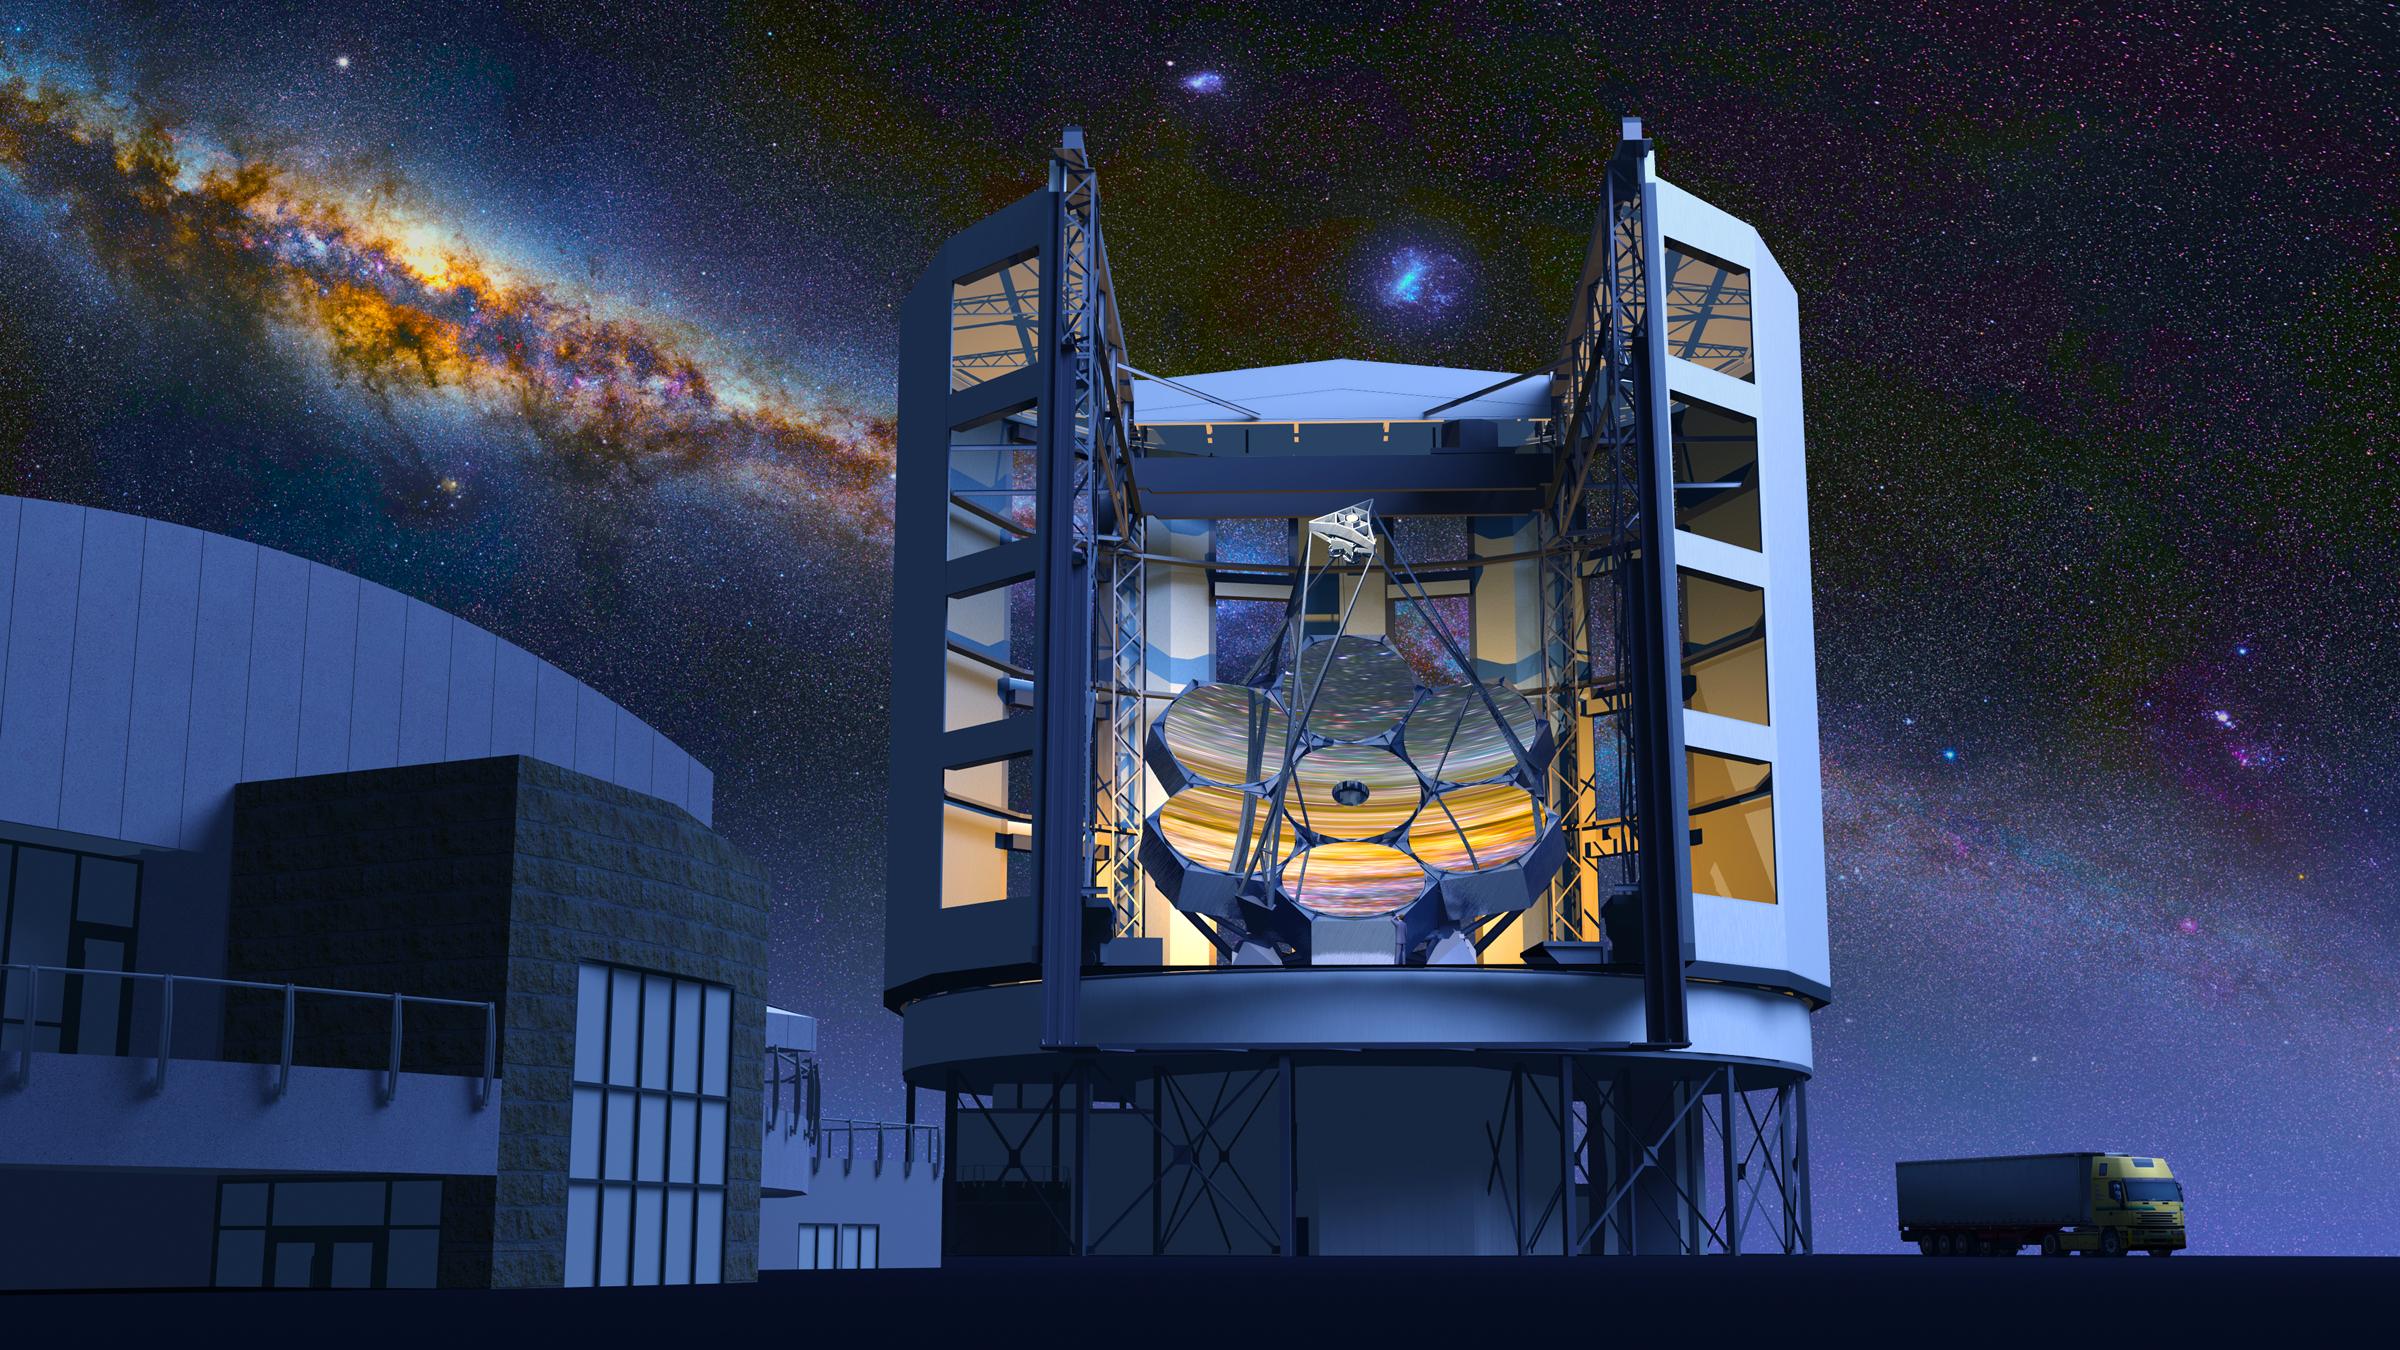 완성된 거대마젤란망원경의 상상도 - GMTO Corporation (Wikipedia) 제공